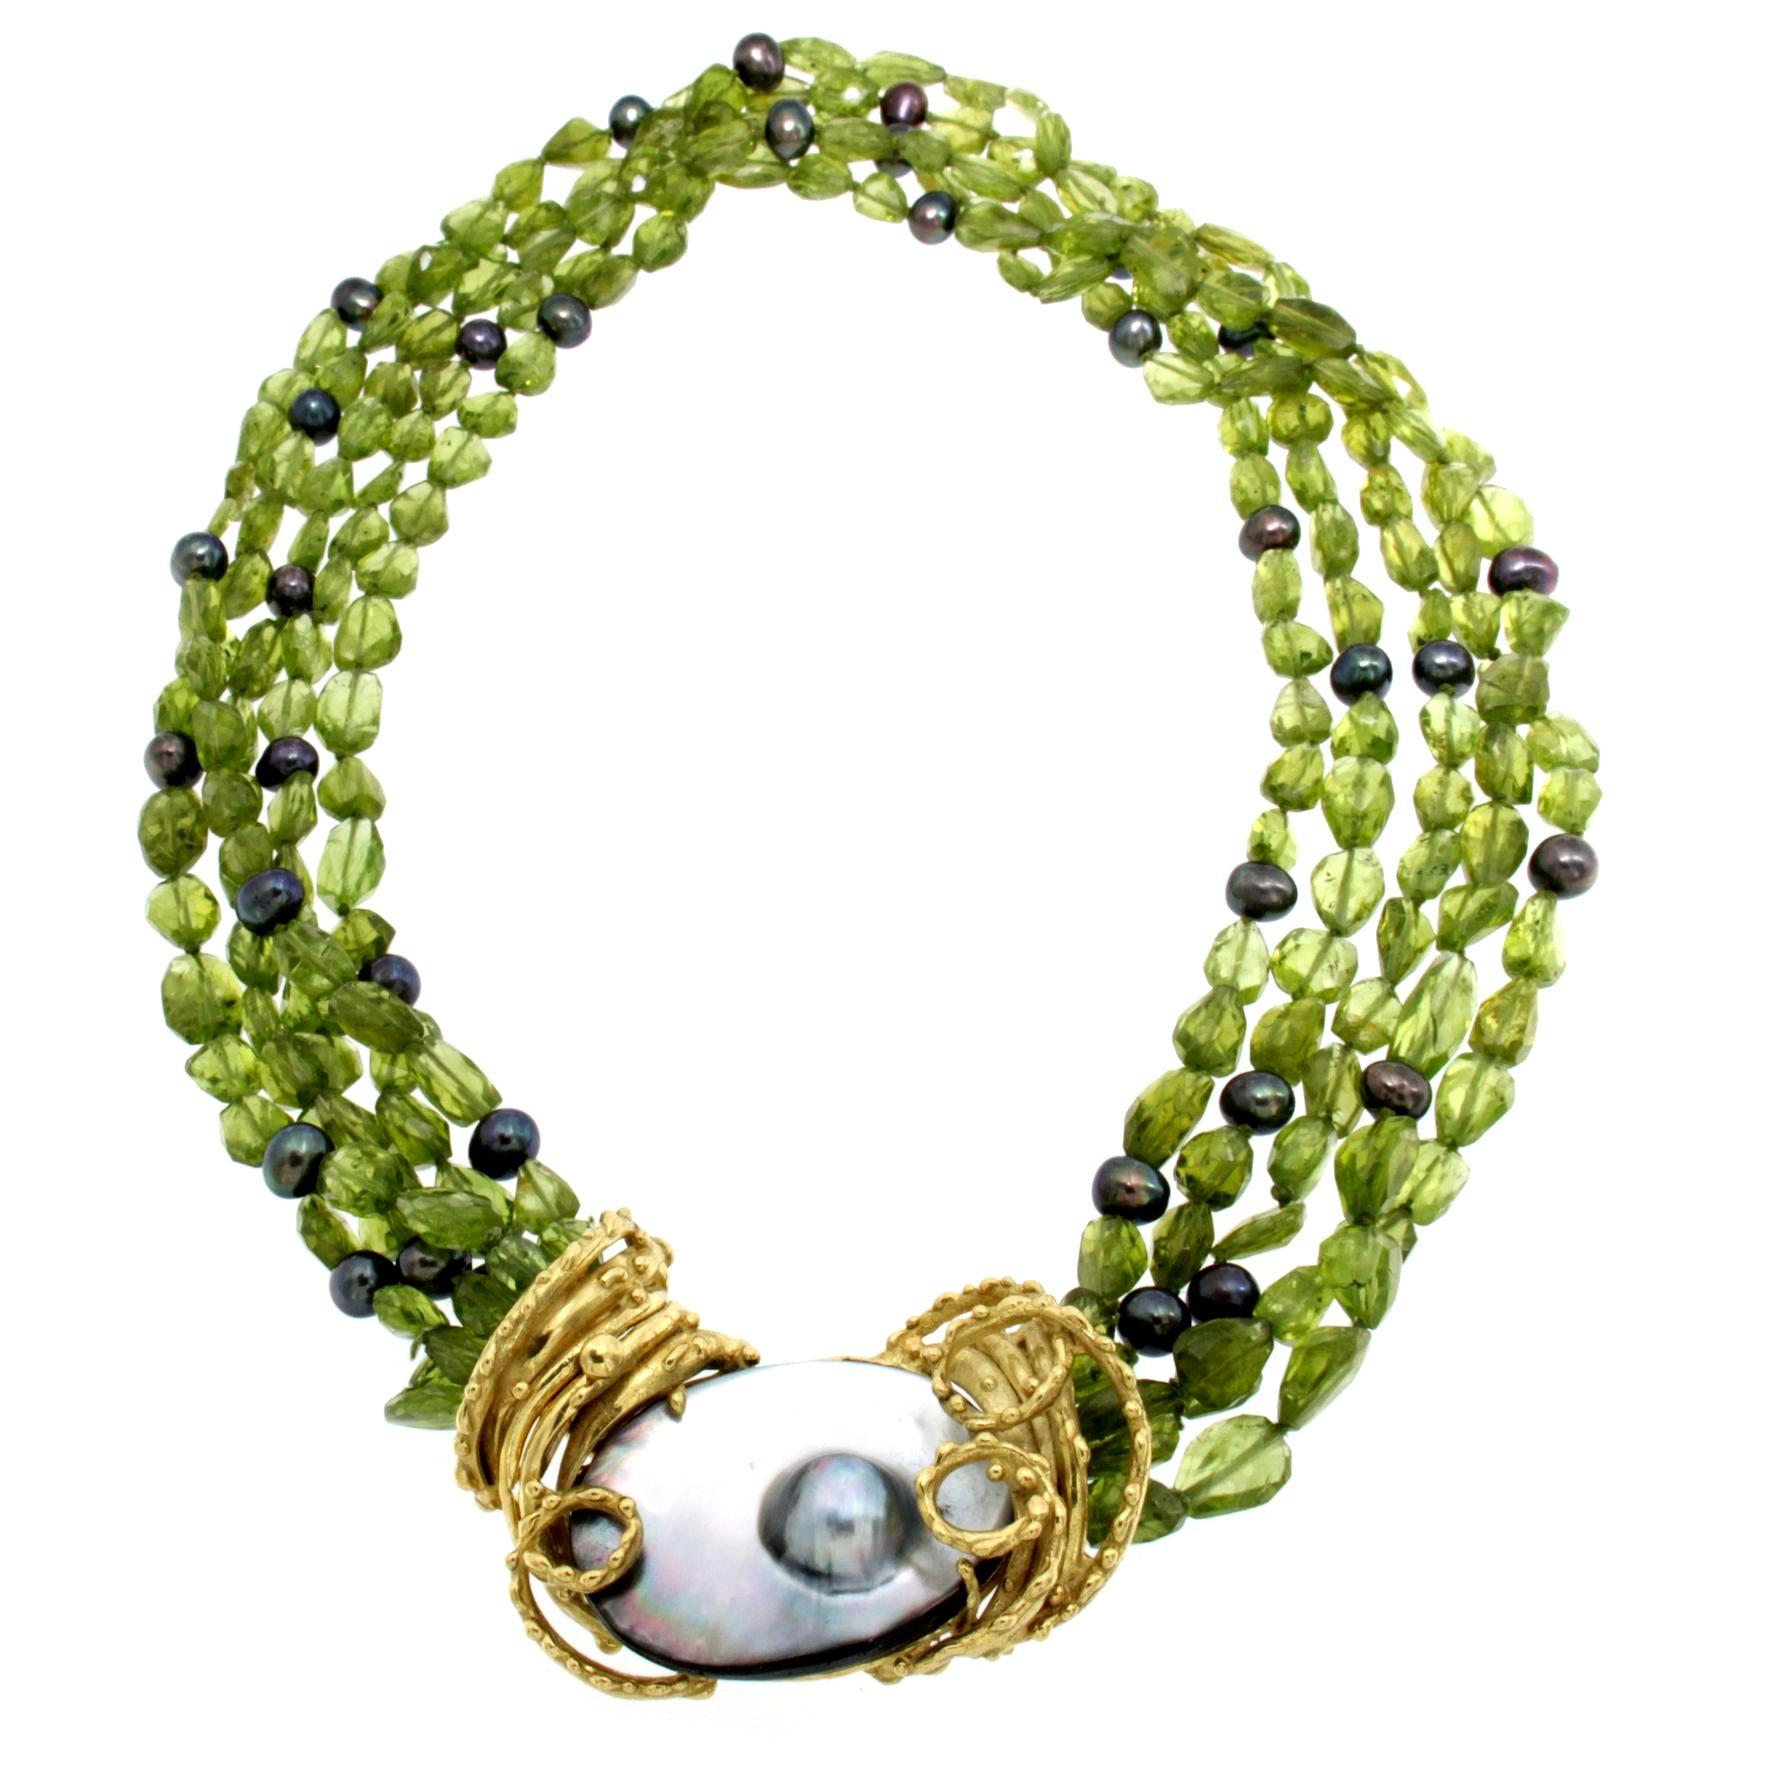 Collana torchon di peridoto naturale e perle di lago grigie con centrale di madreperla e perle grigie naturali